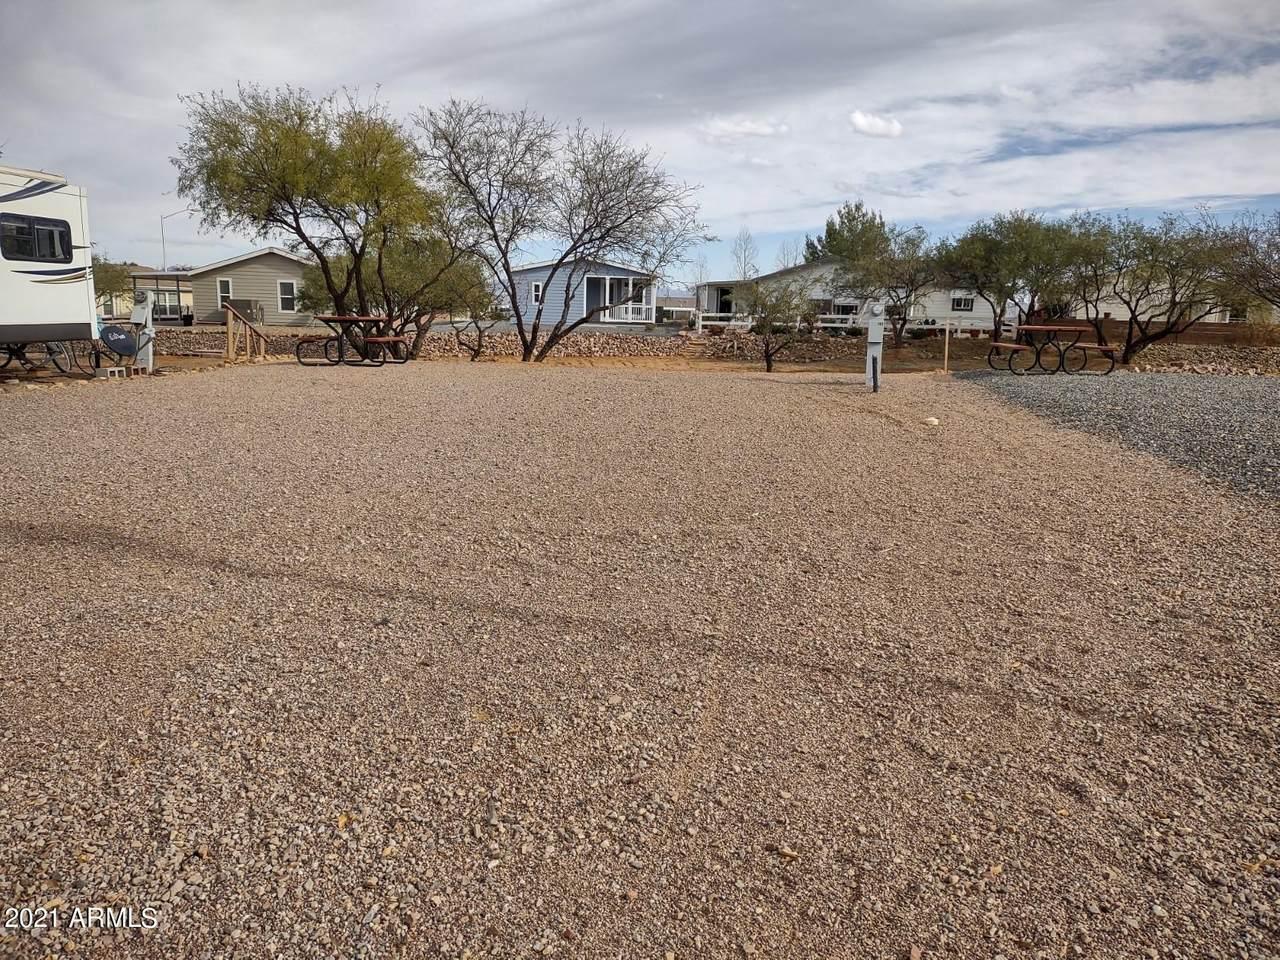 1030 Barrel Cactus #203 Ridge - Photo 1